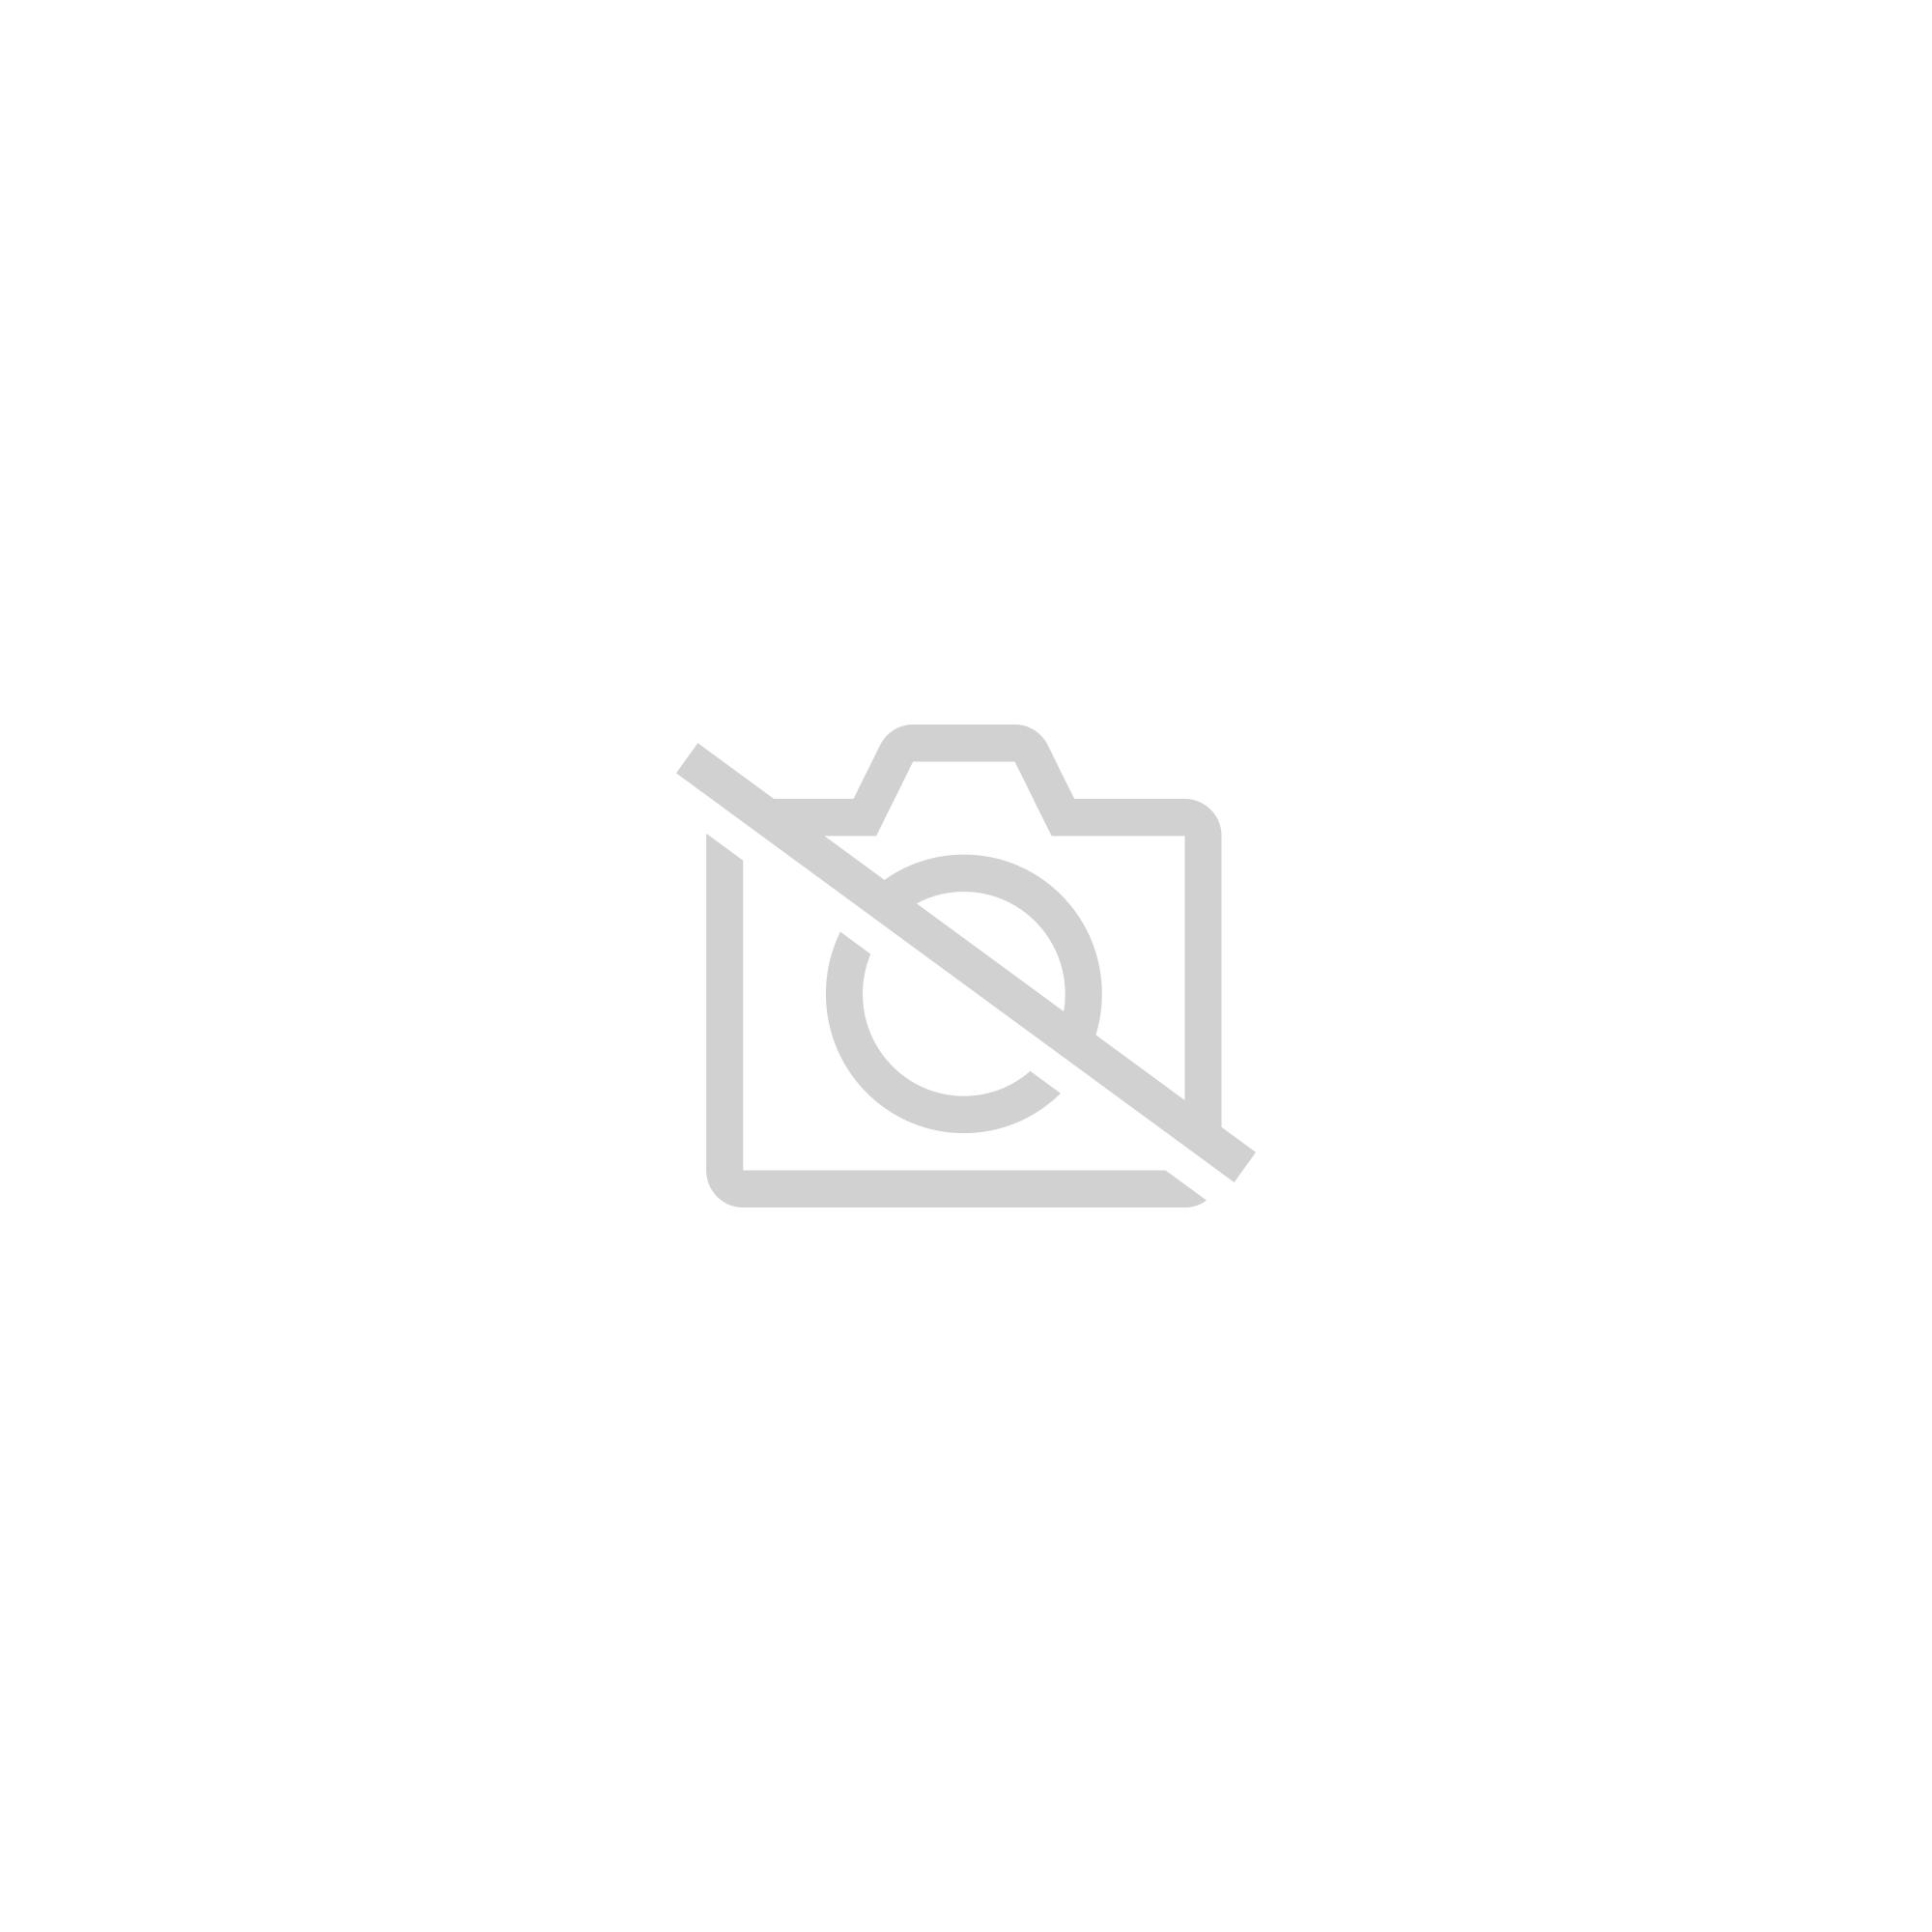 Gorilla Sports Banc De Musculation Universel Gs005 Set Haltères Disques Plastiques Et Barres 975kg